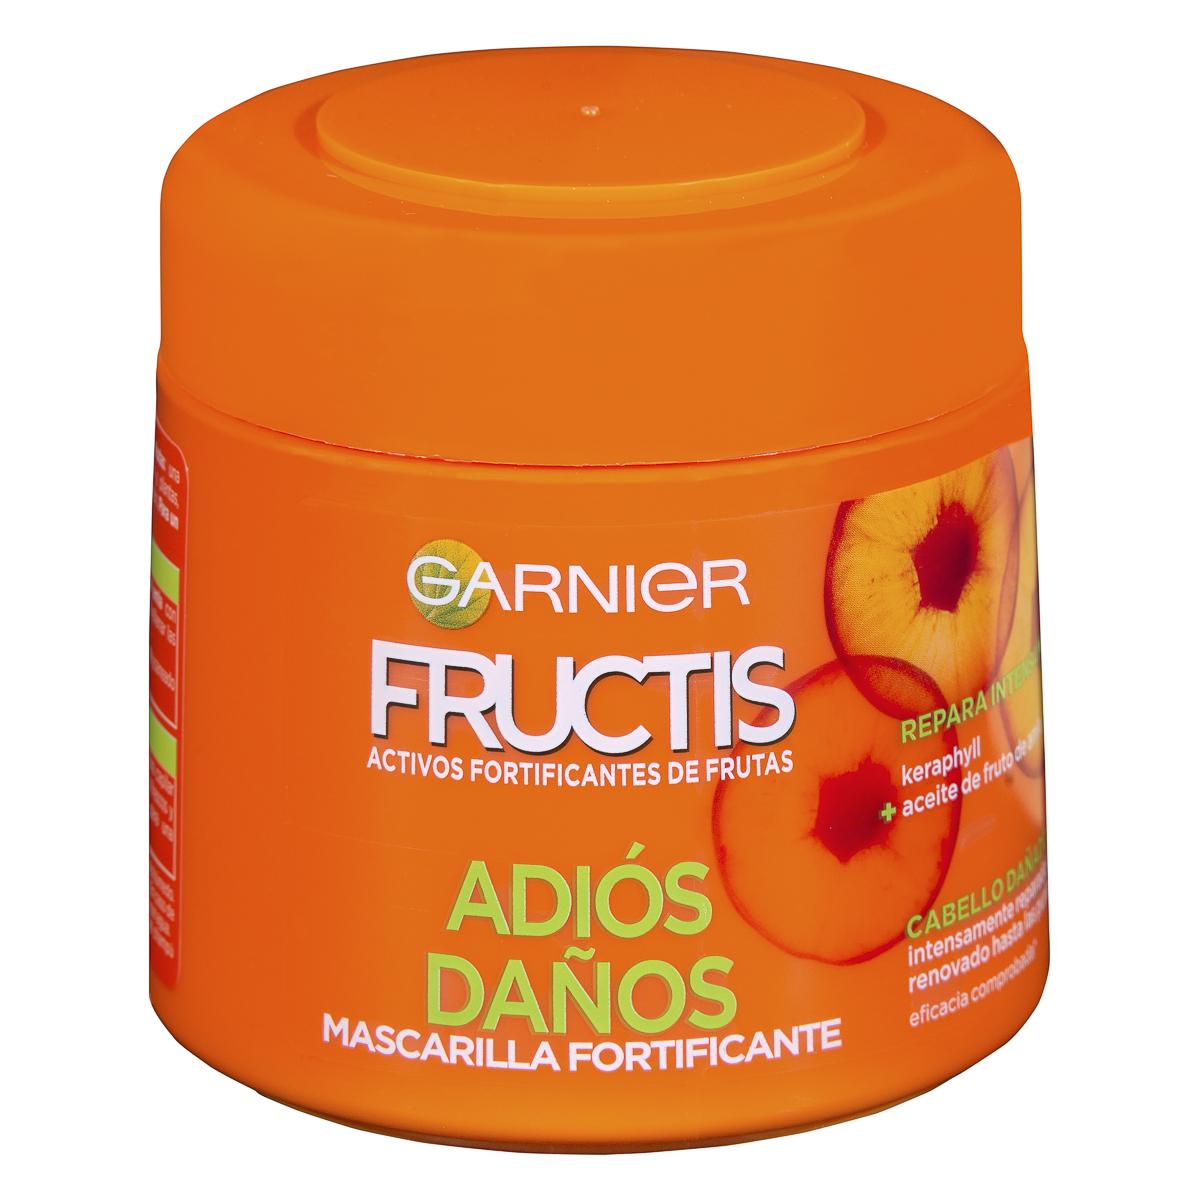 Fotografía producto, Fructis Garnier